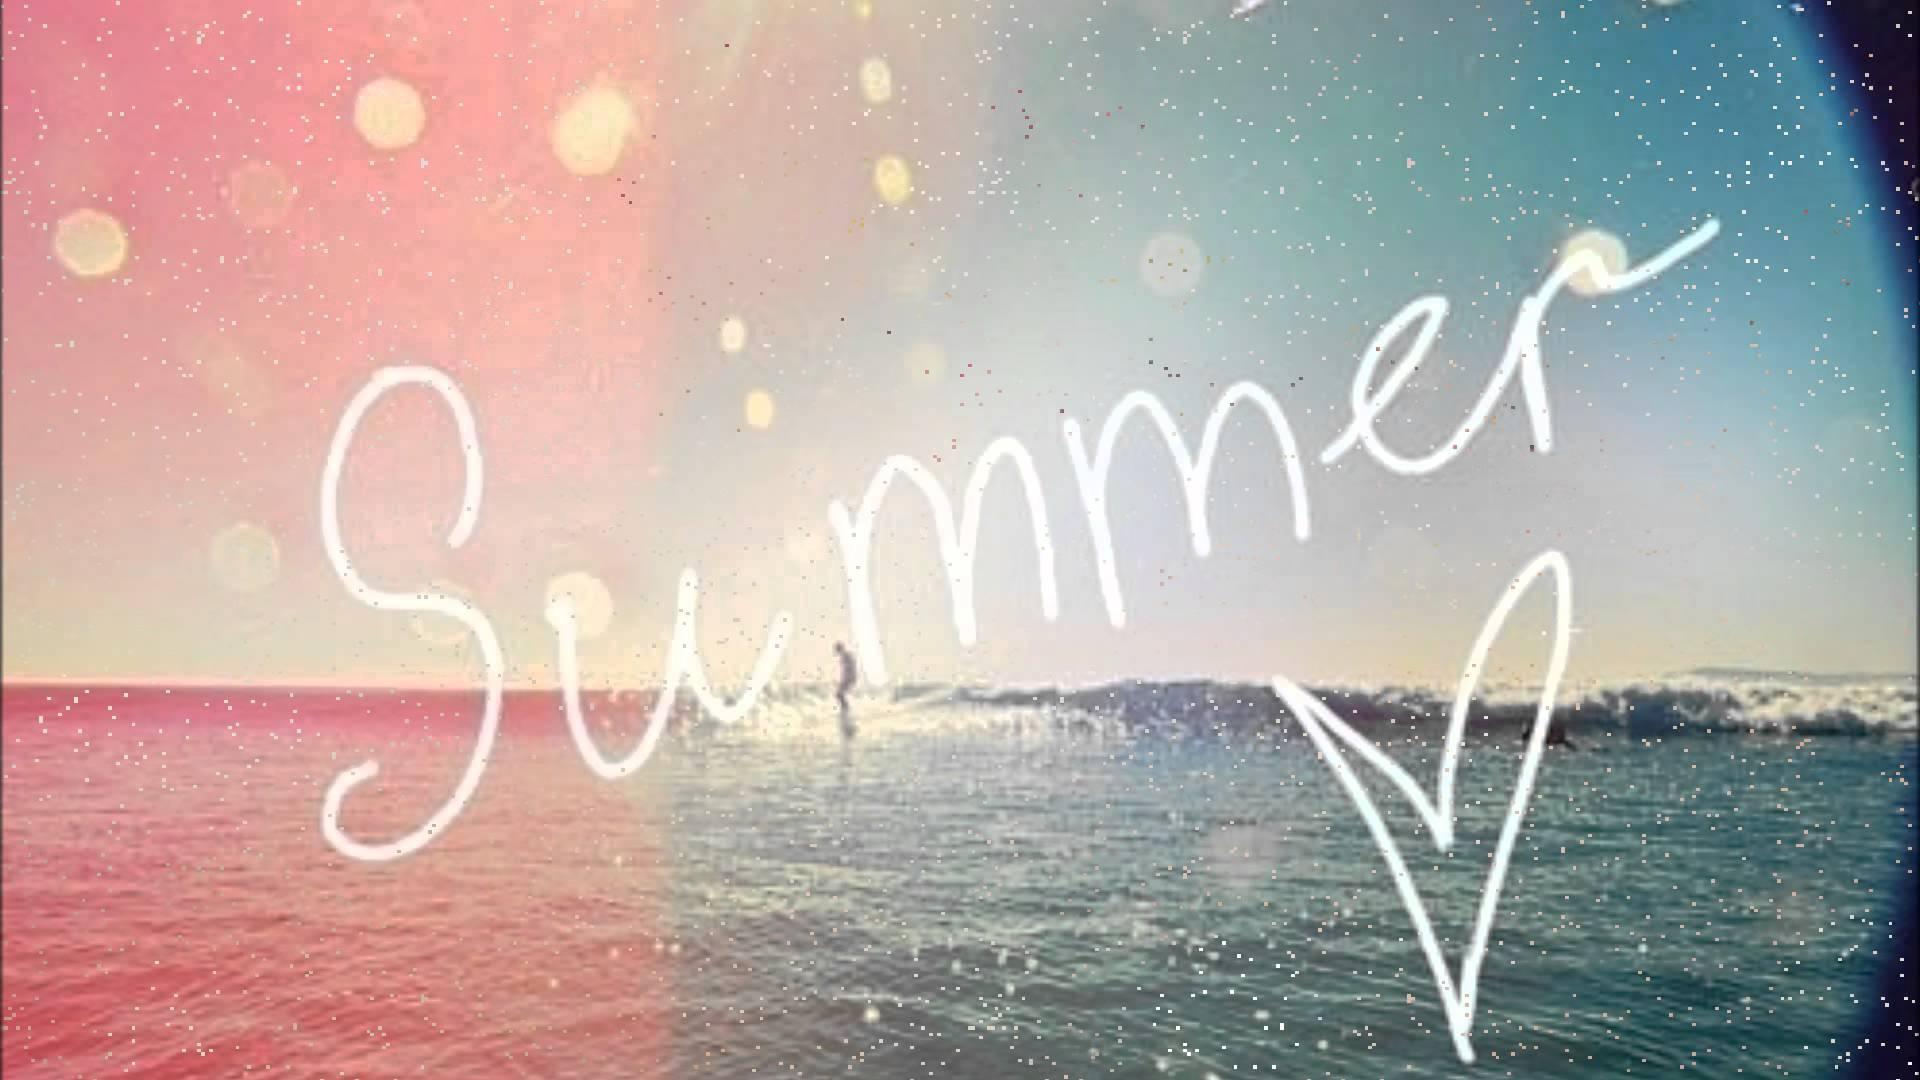 summer_love_22_wallpaper_hd